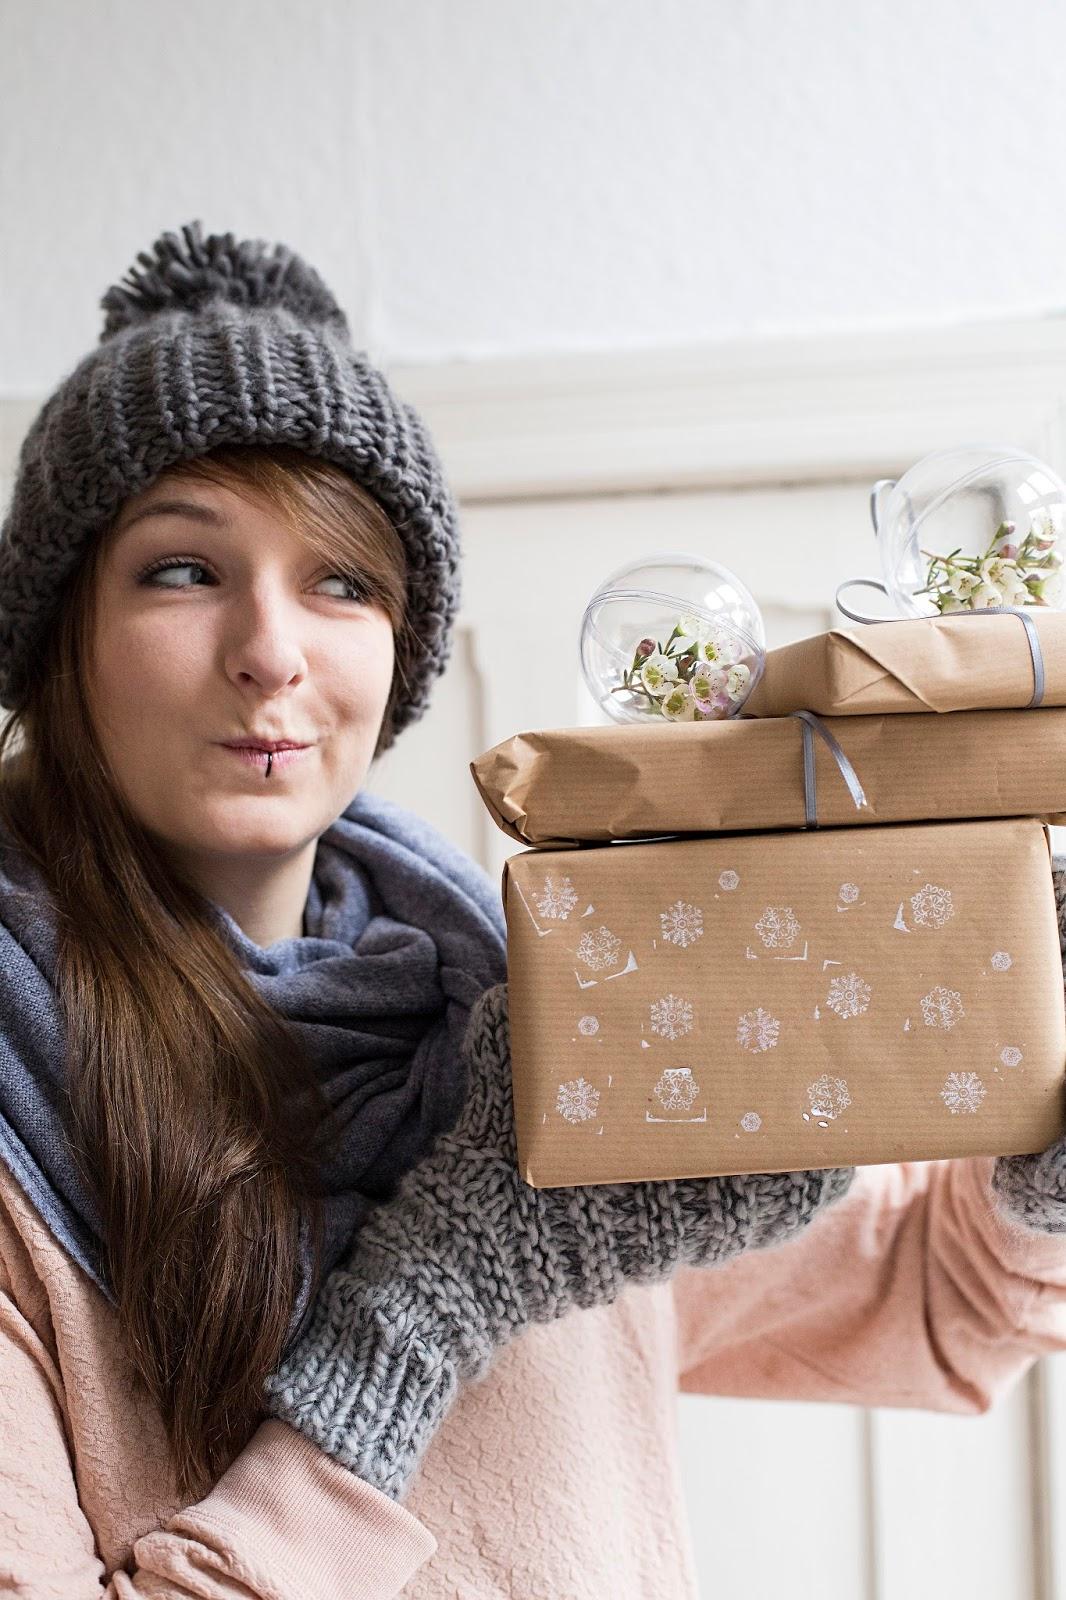 Einpackidee Schneeflockenstempel